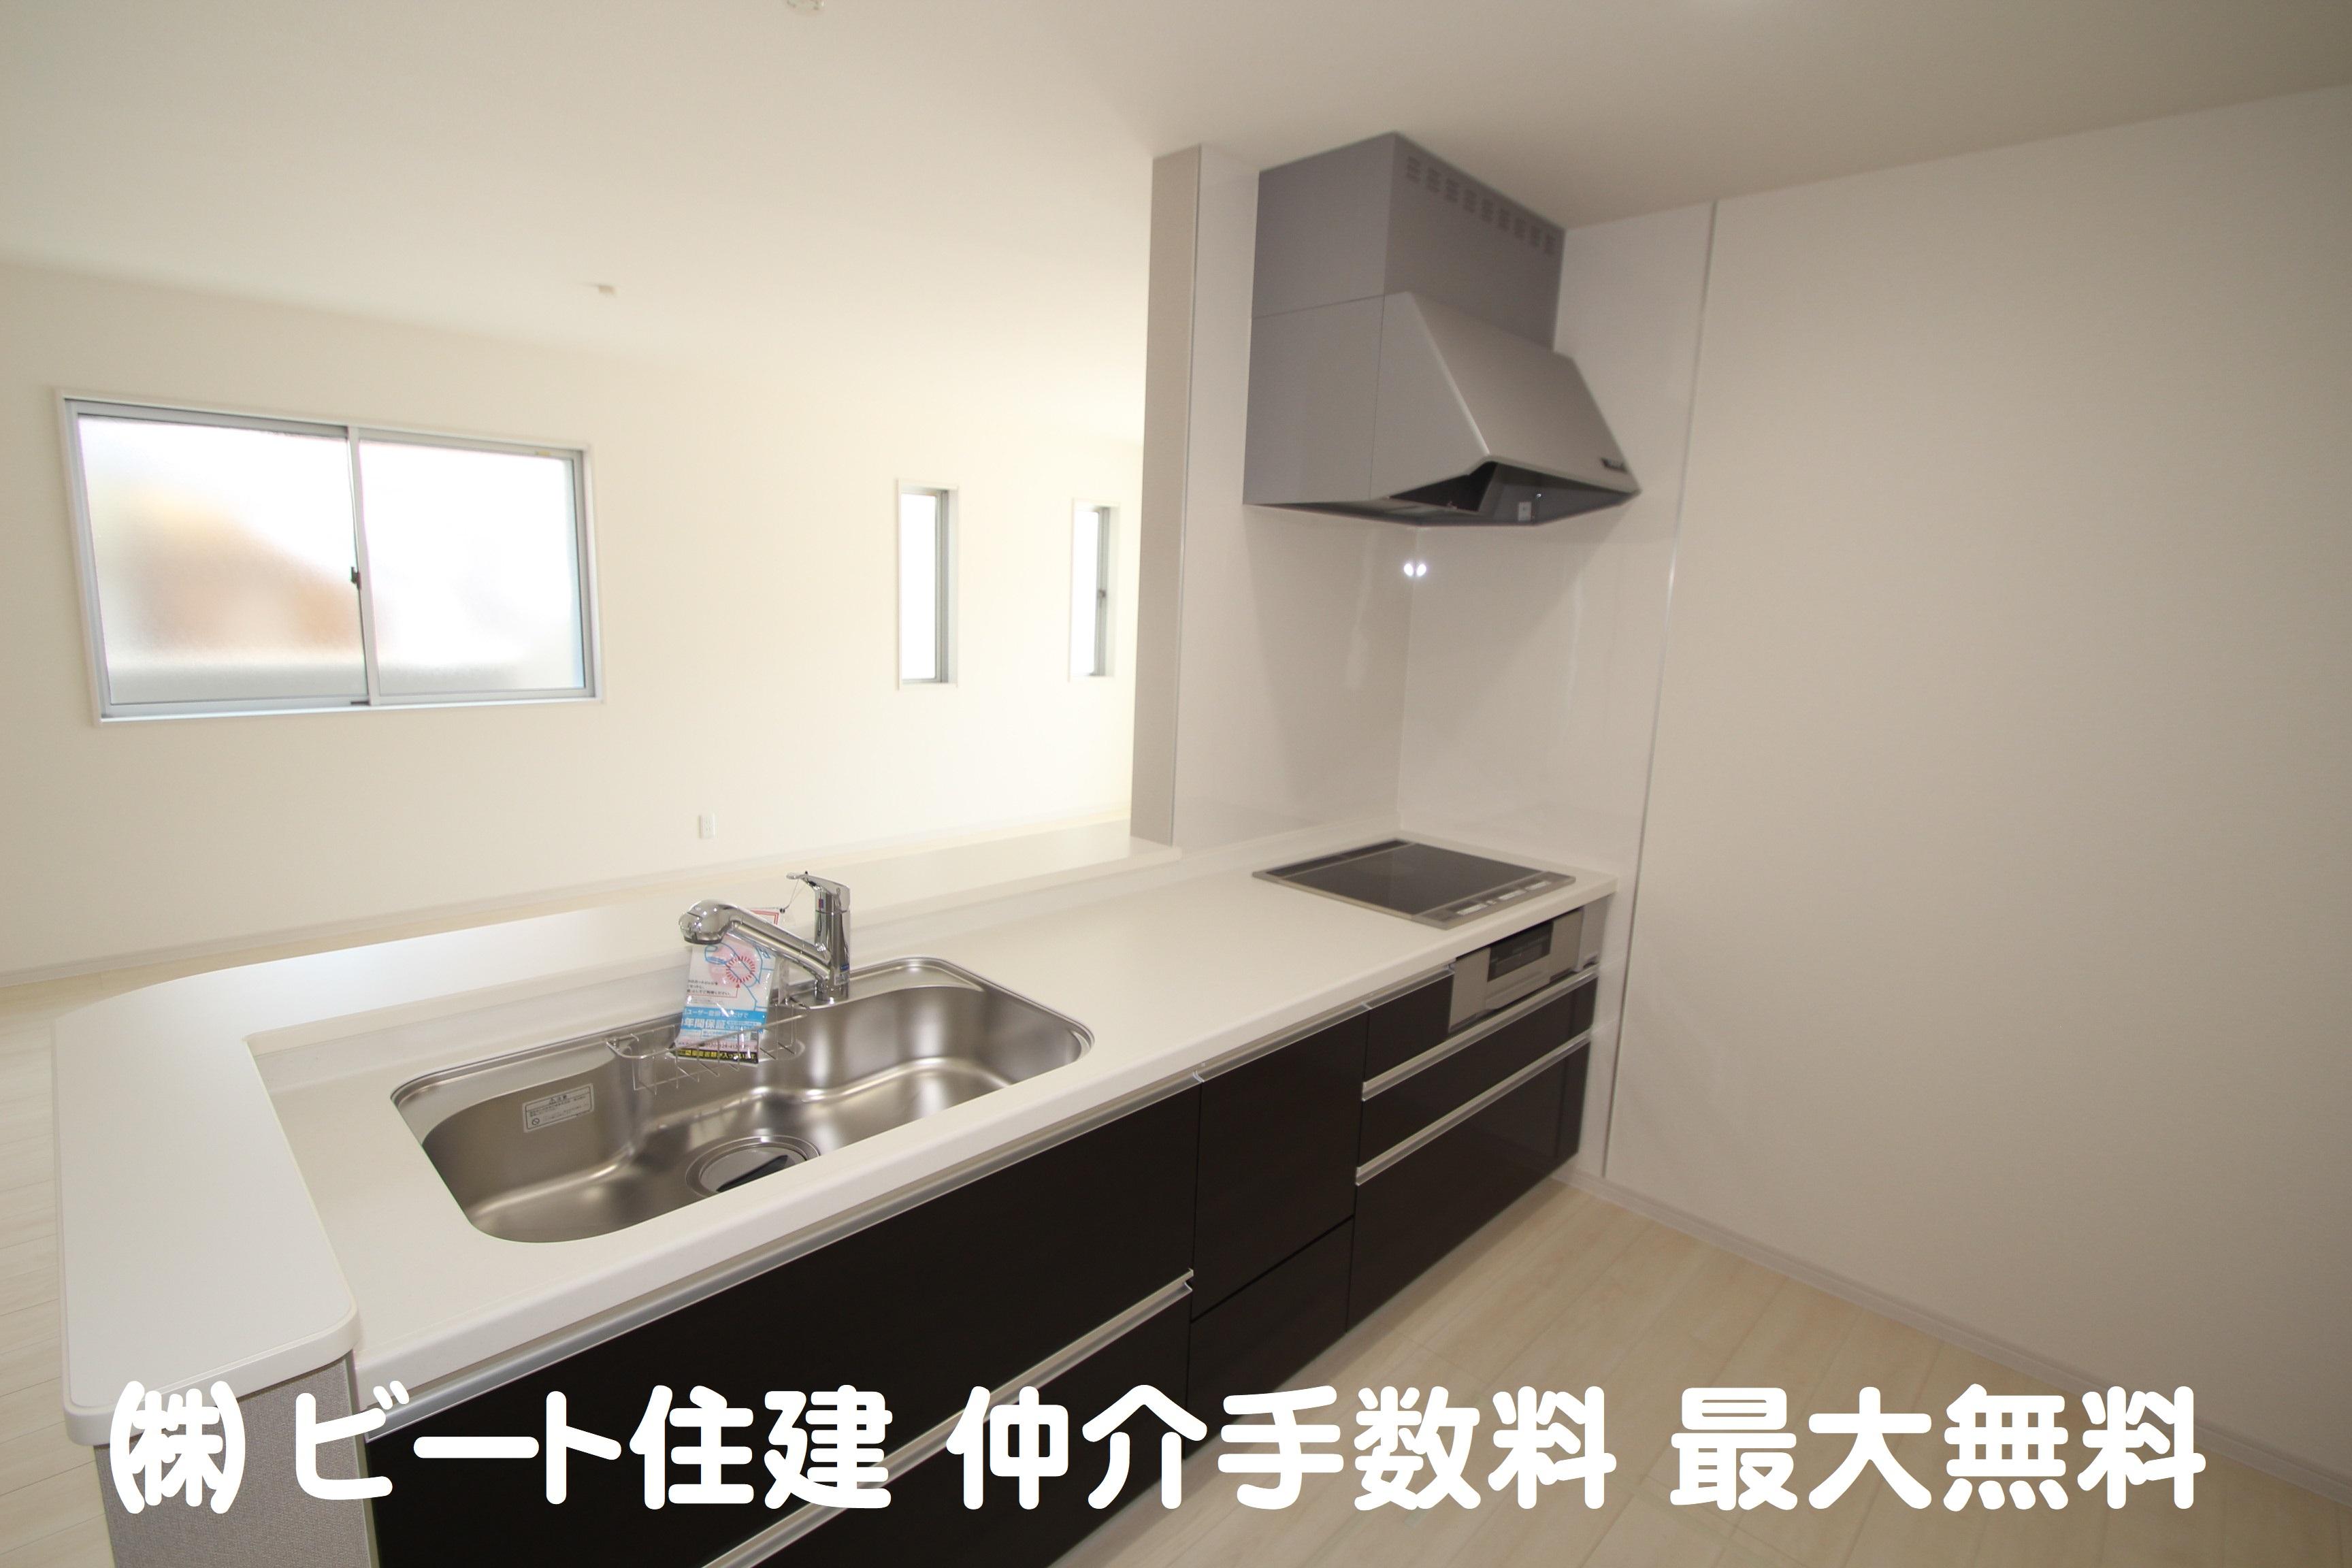 奈良県 北葛城郡 広陵町 新築一戸建て 住宅 販売価格等の 大幅値引き 交渉なども 限界まで 一生懸命に 頑張ります!16